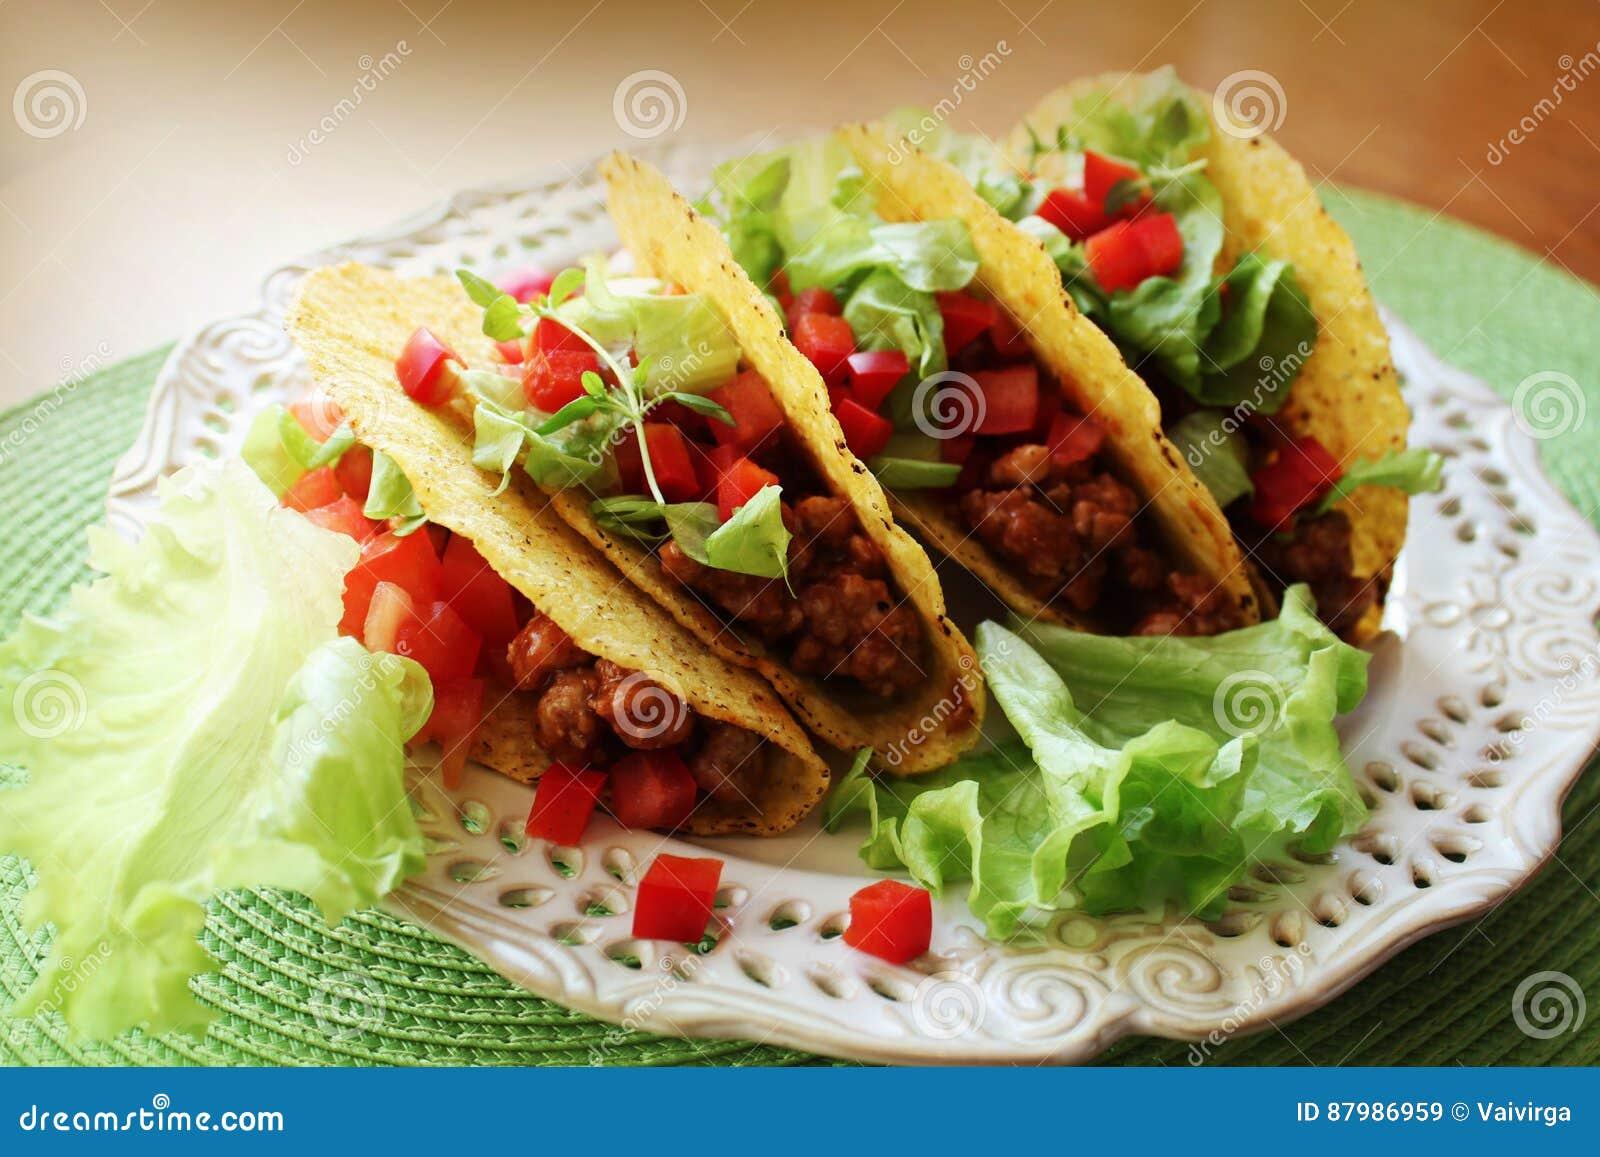 墨西哥食物-炸玉米饼用肉、莴苣和蕃茄